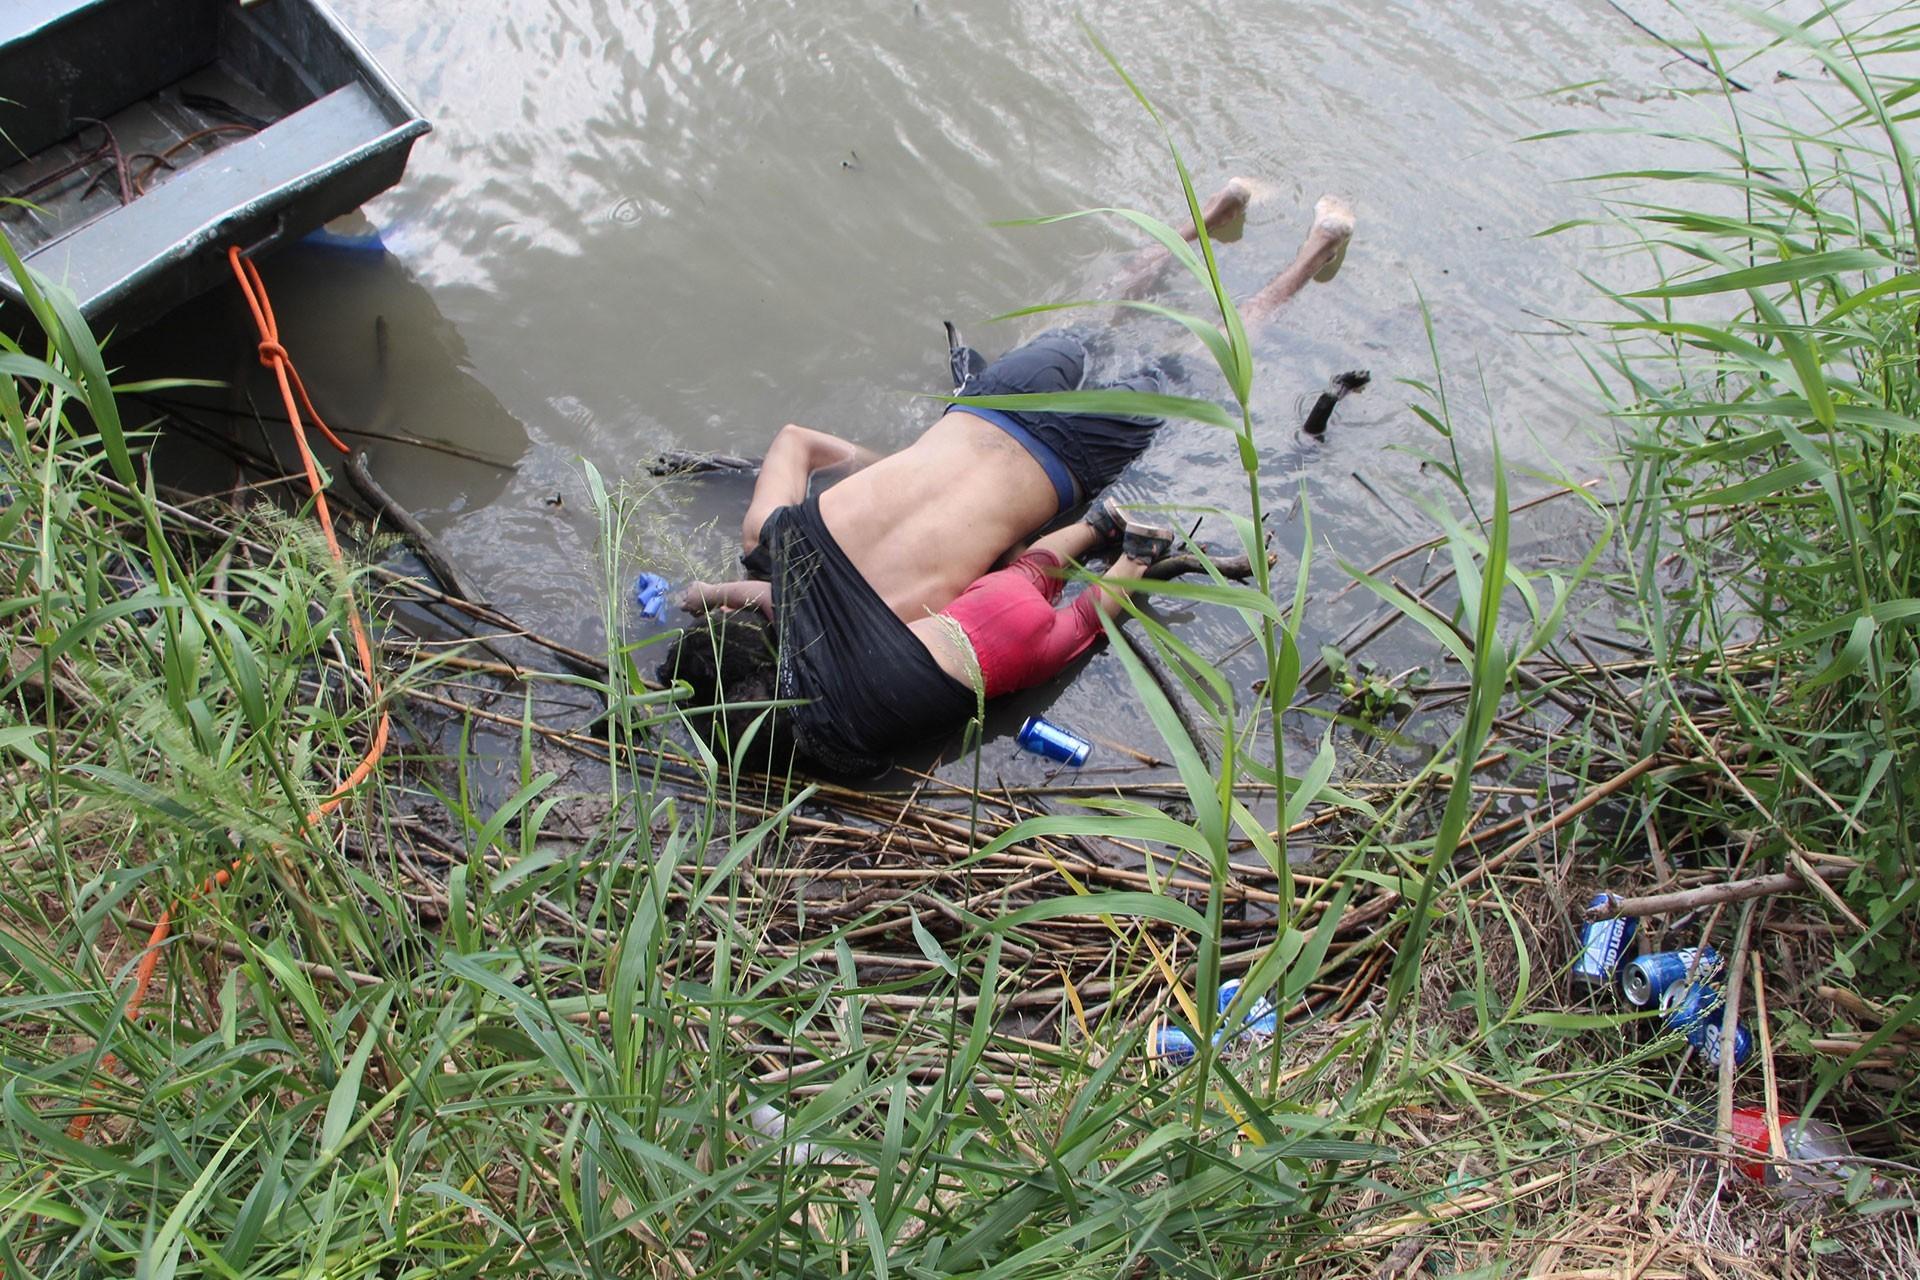 Meksika-ABD sınırında 23 aylık mülteci kız ve babası boğuldu